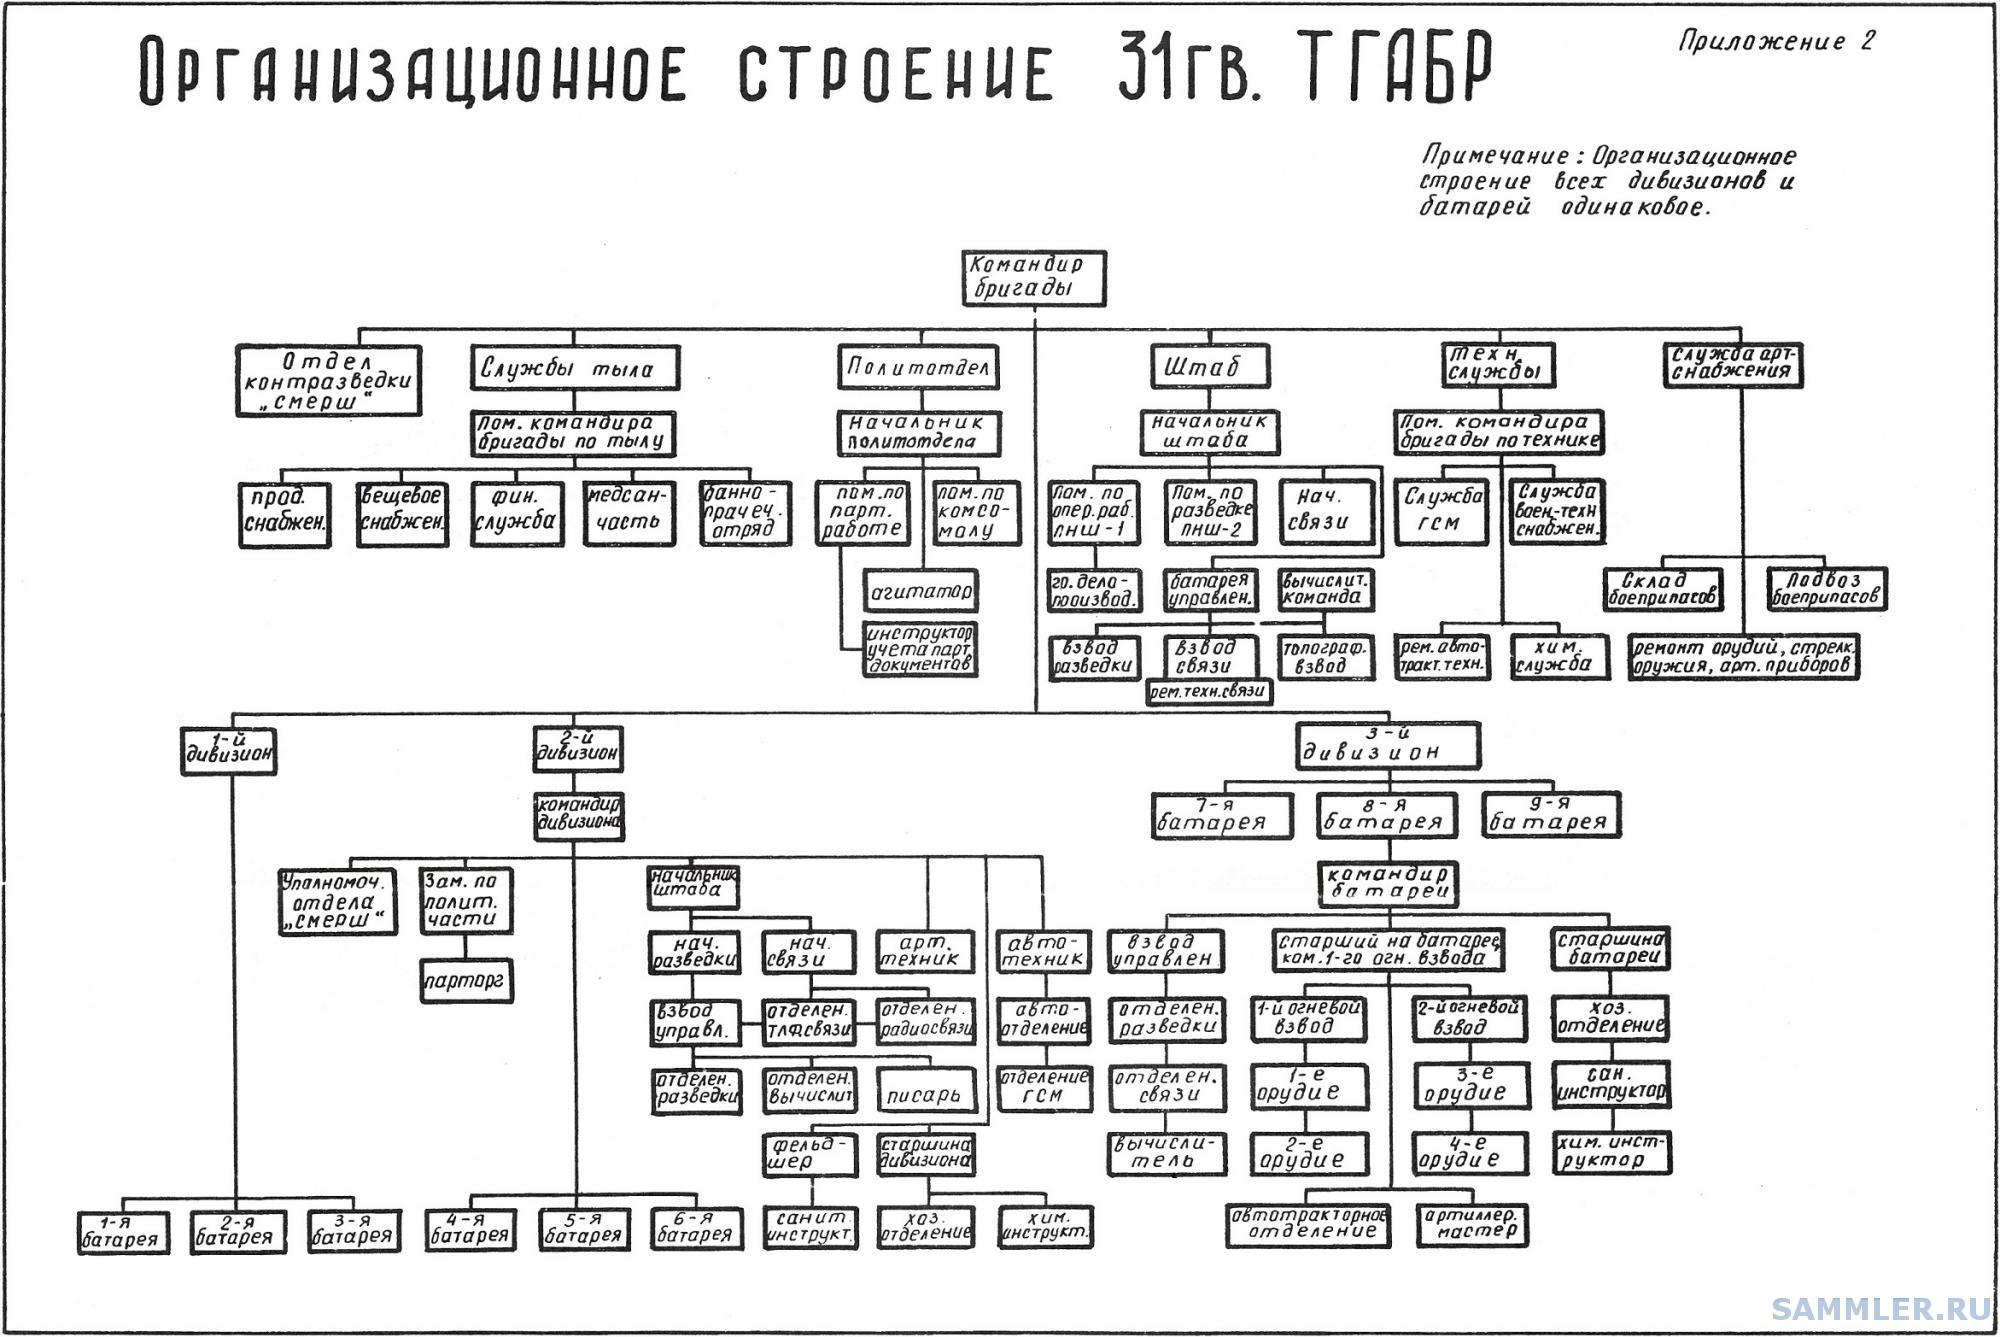 Организационное строение 31ГвГАБр - копия.jpg